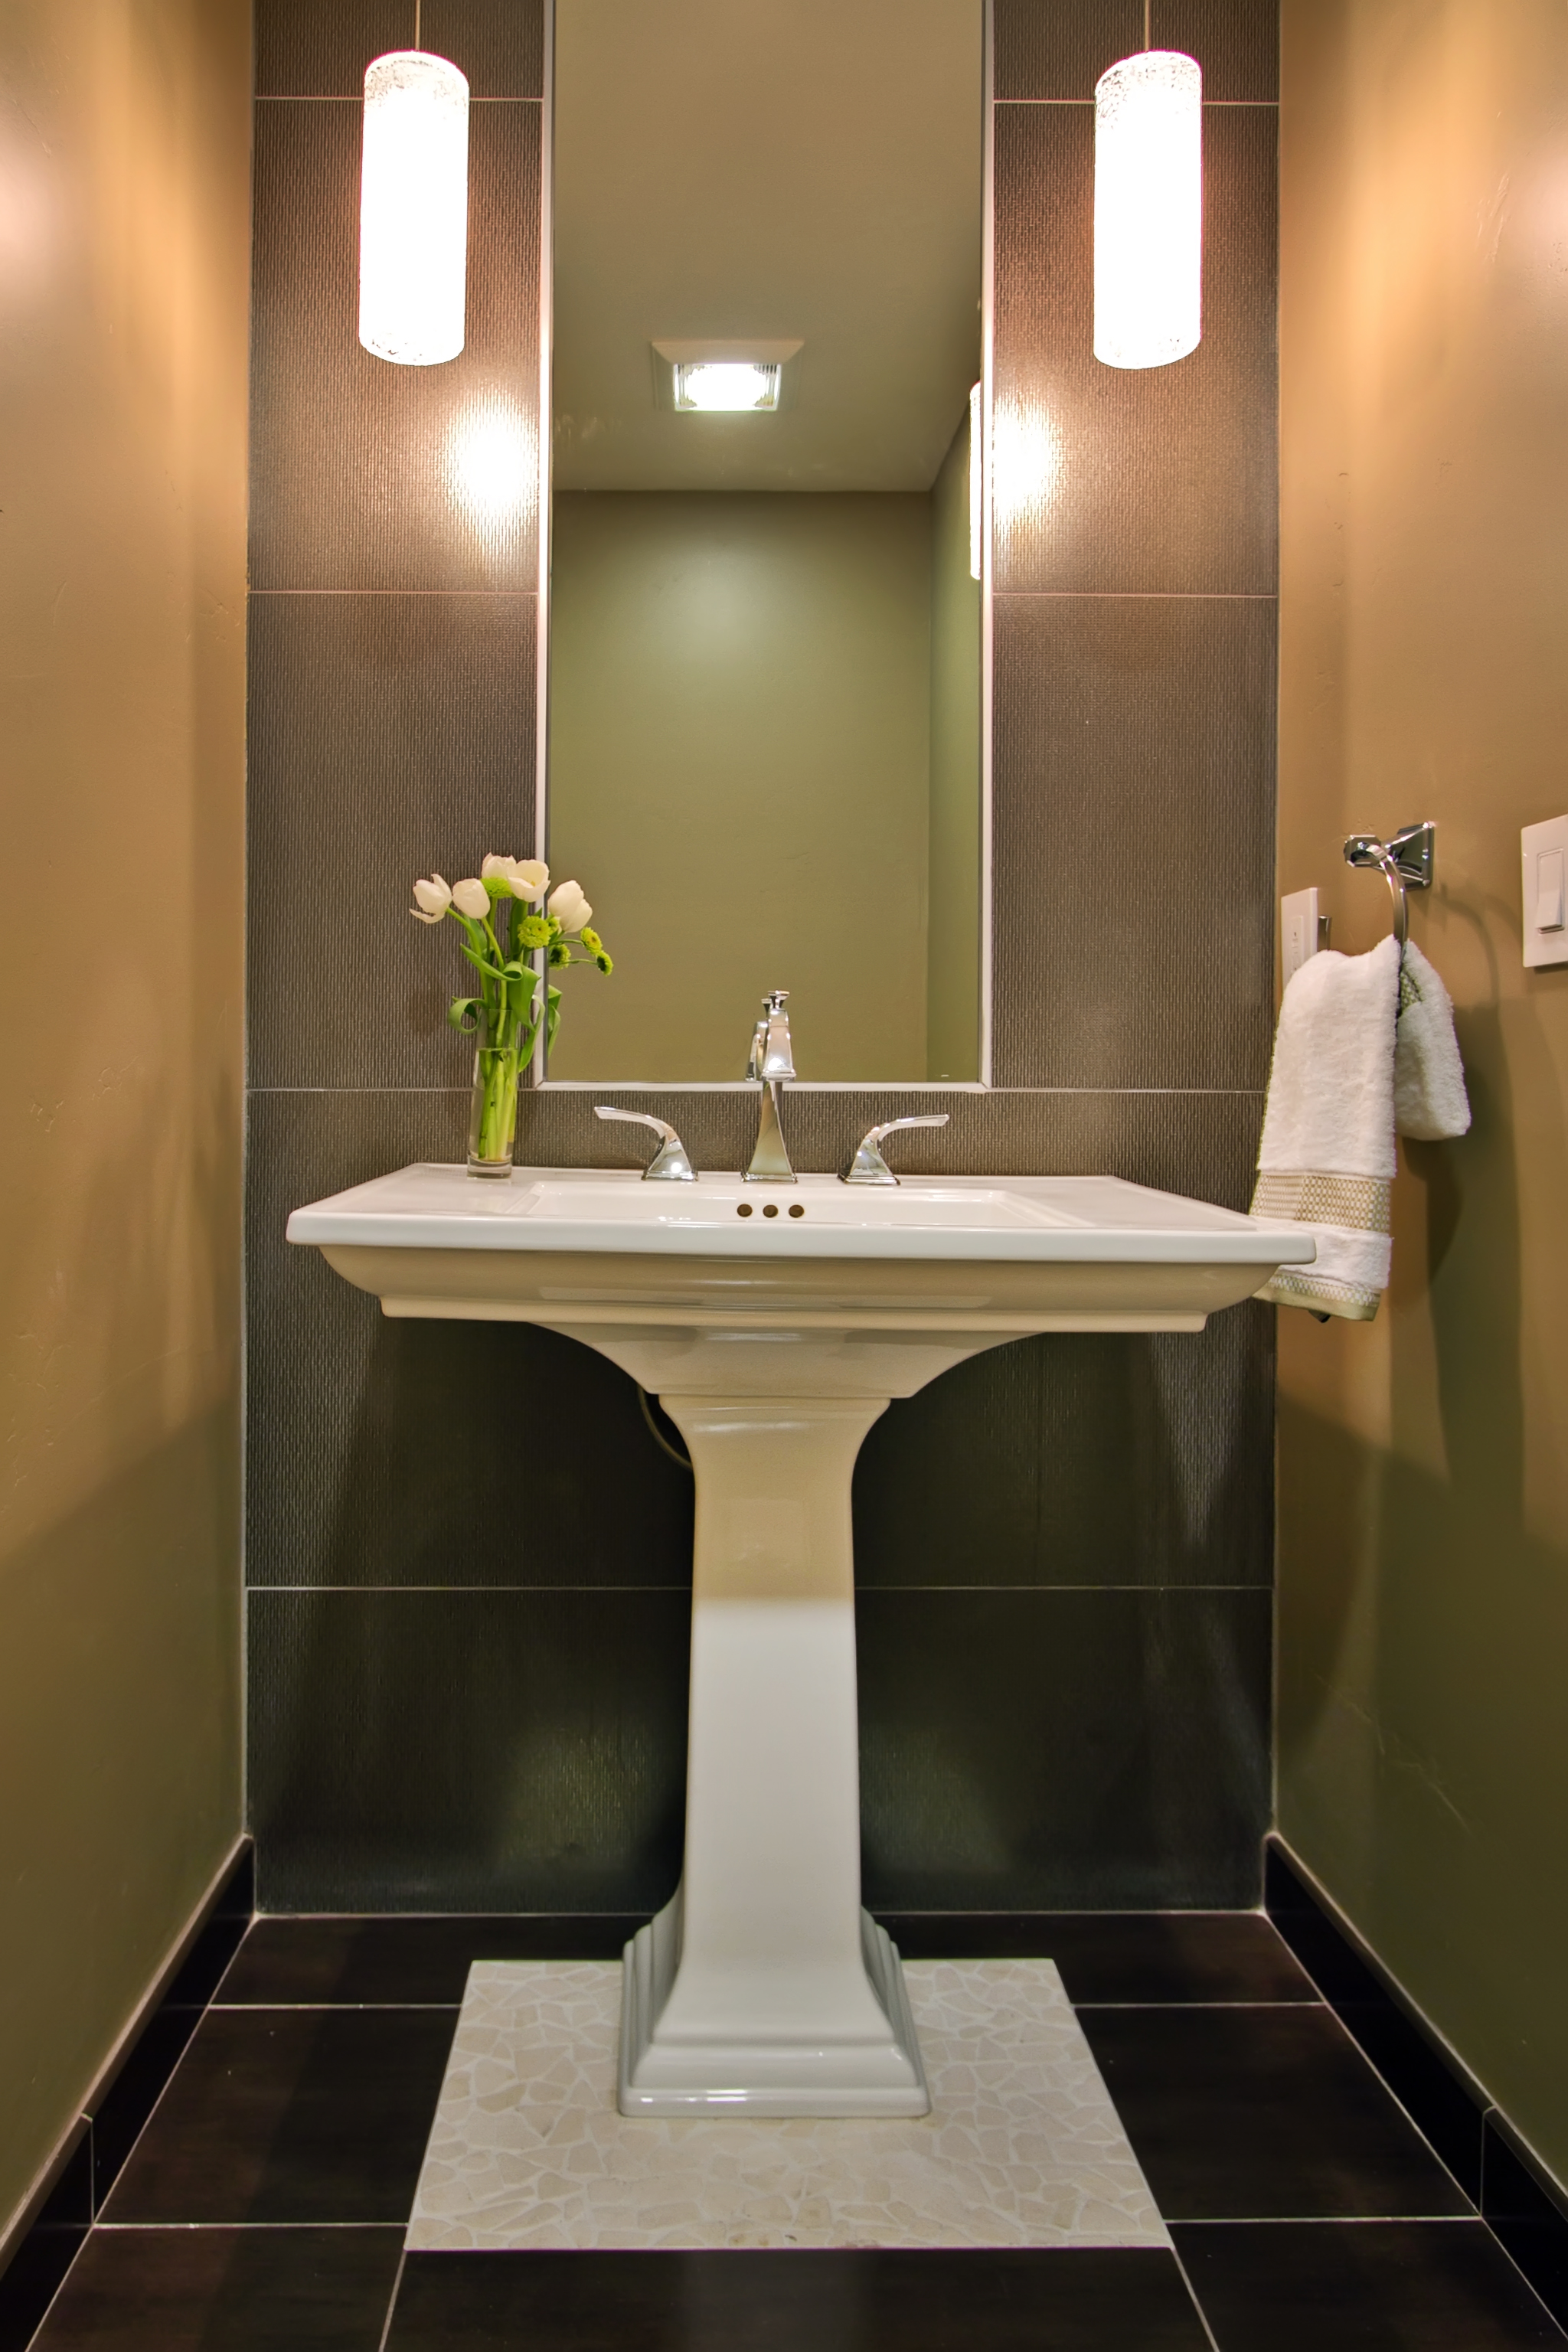 Small Sink For Powder Room Novocom Top